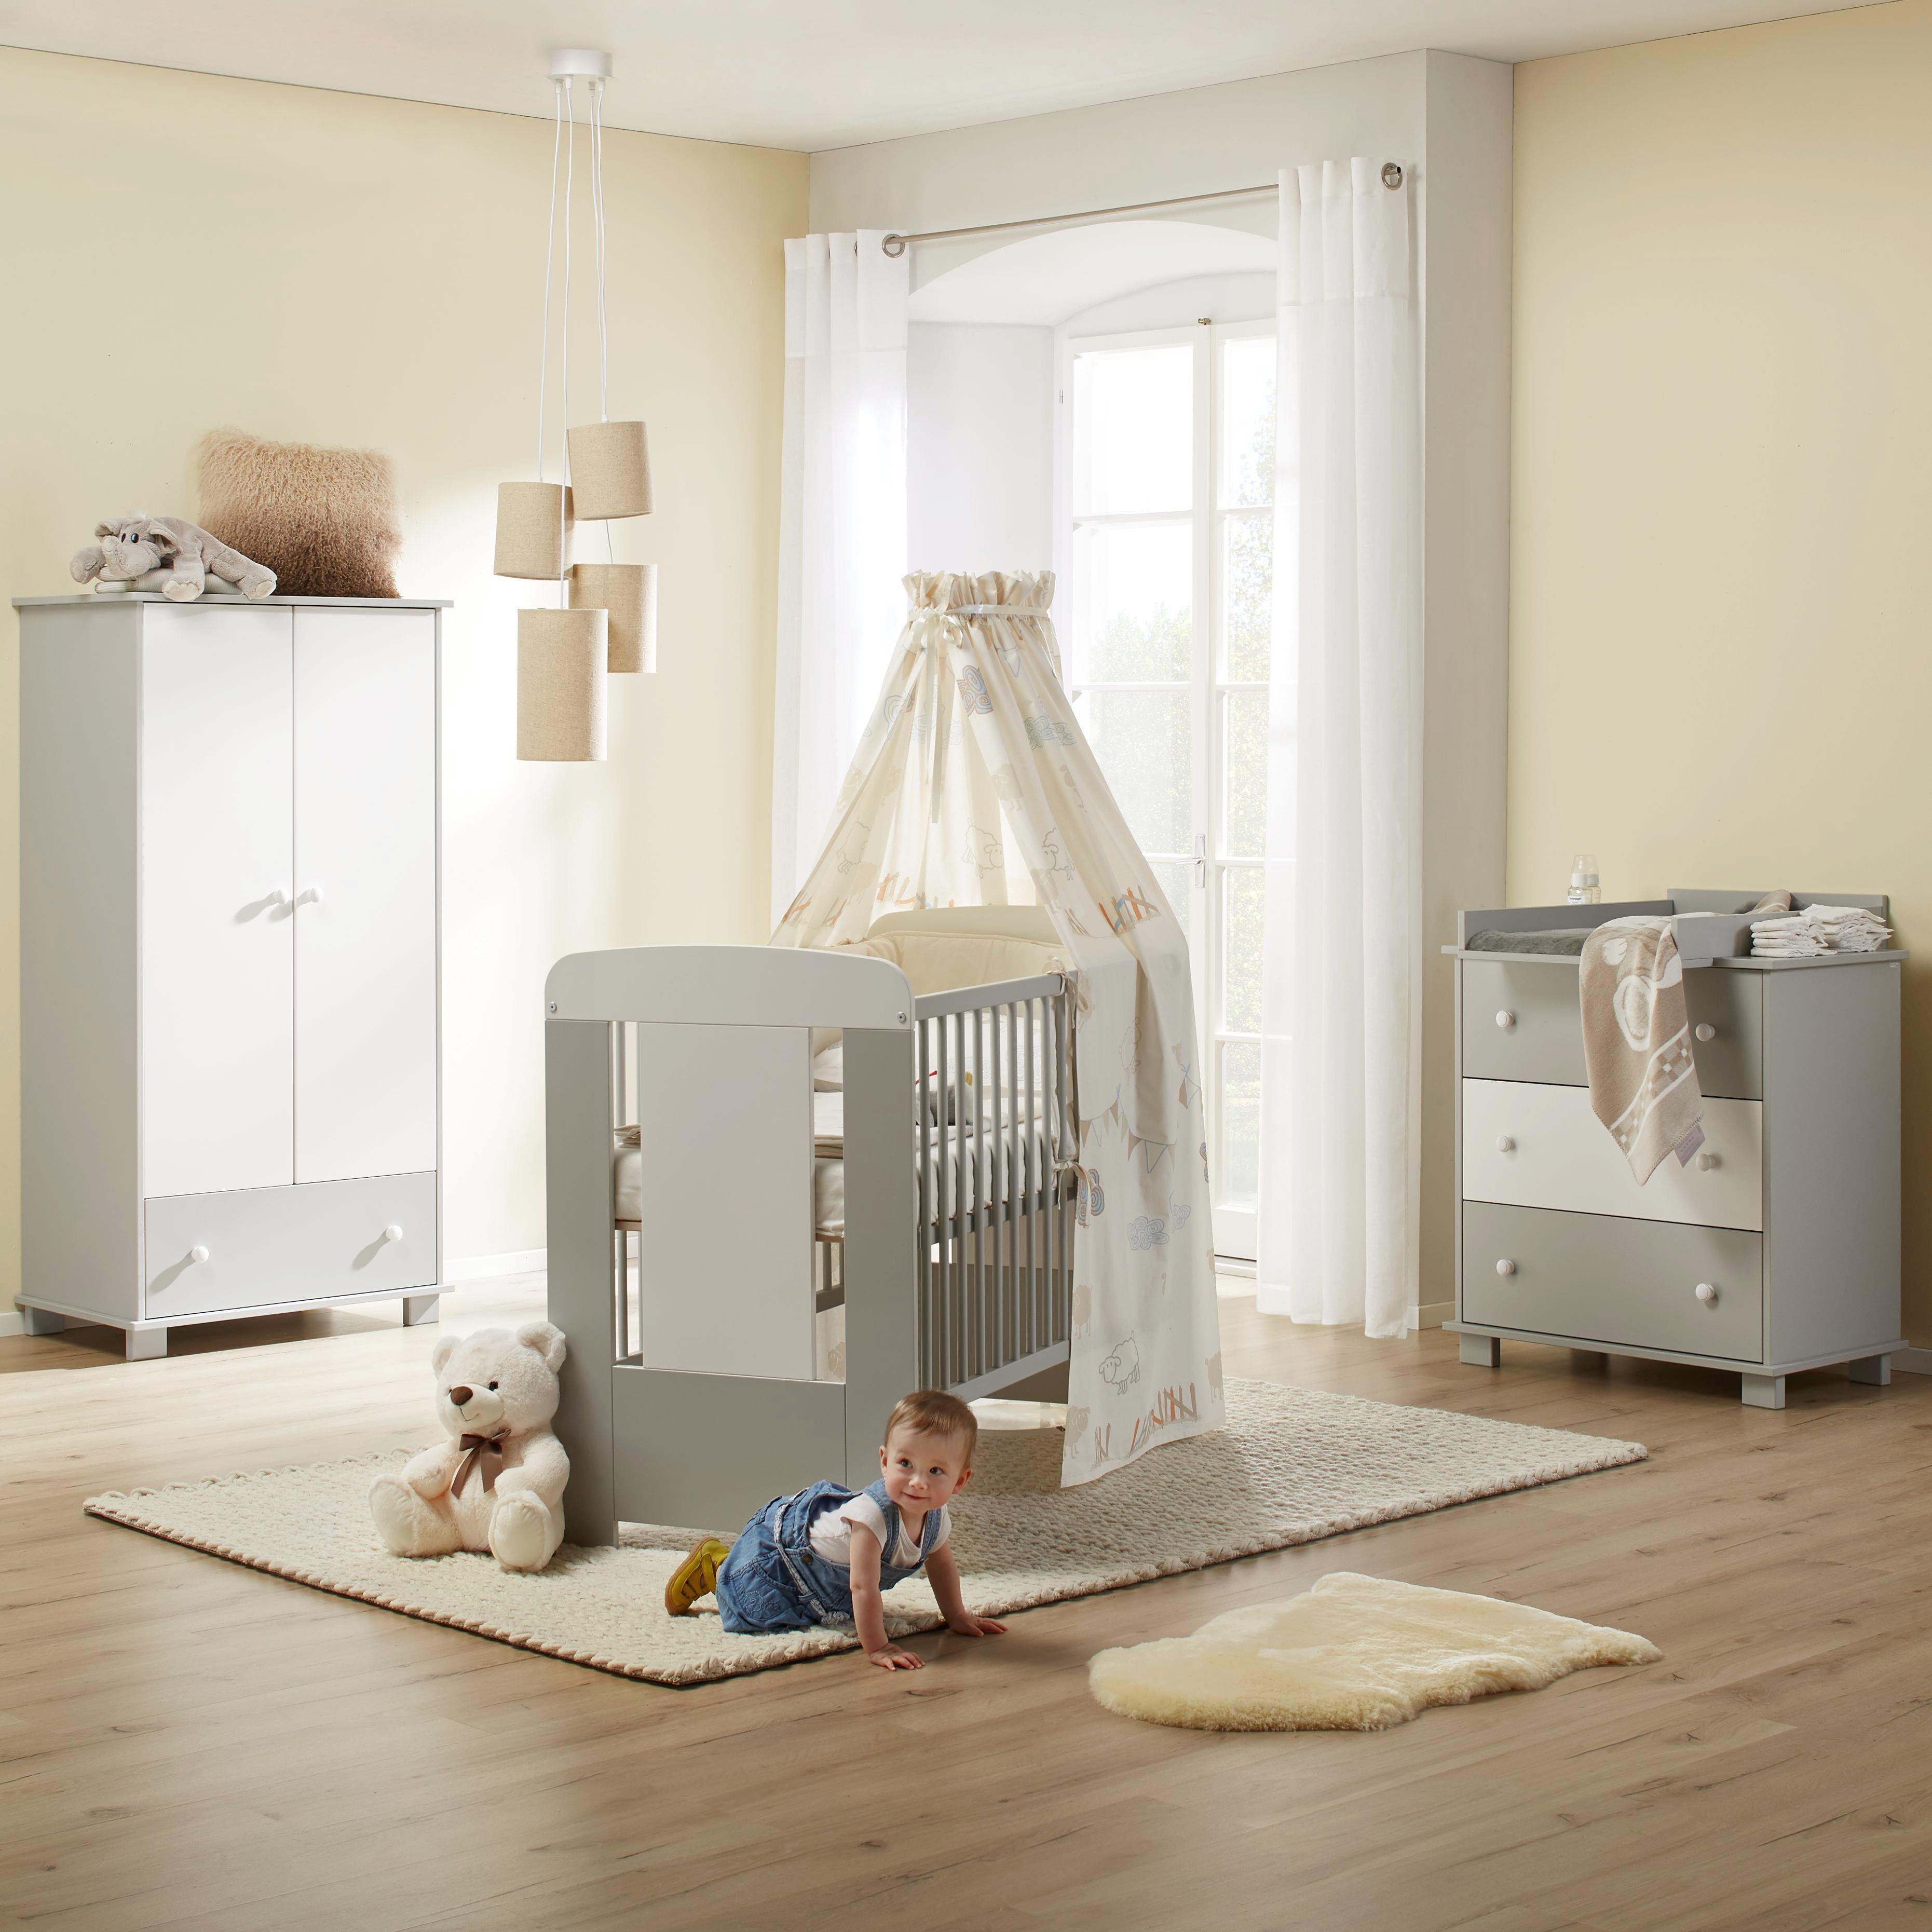 Babyzimmer weiß grau  Babyzimmer Kitty online kaufen ➤ mömax